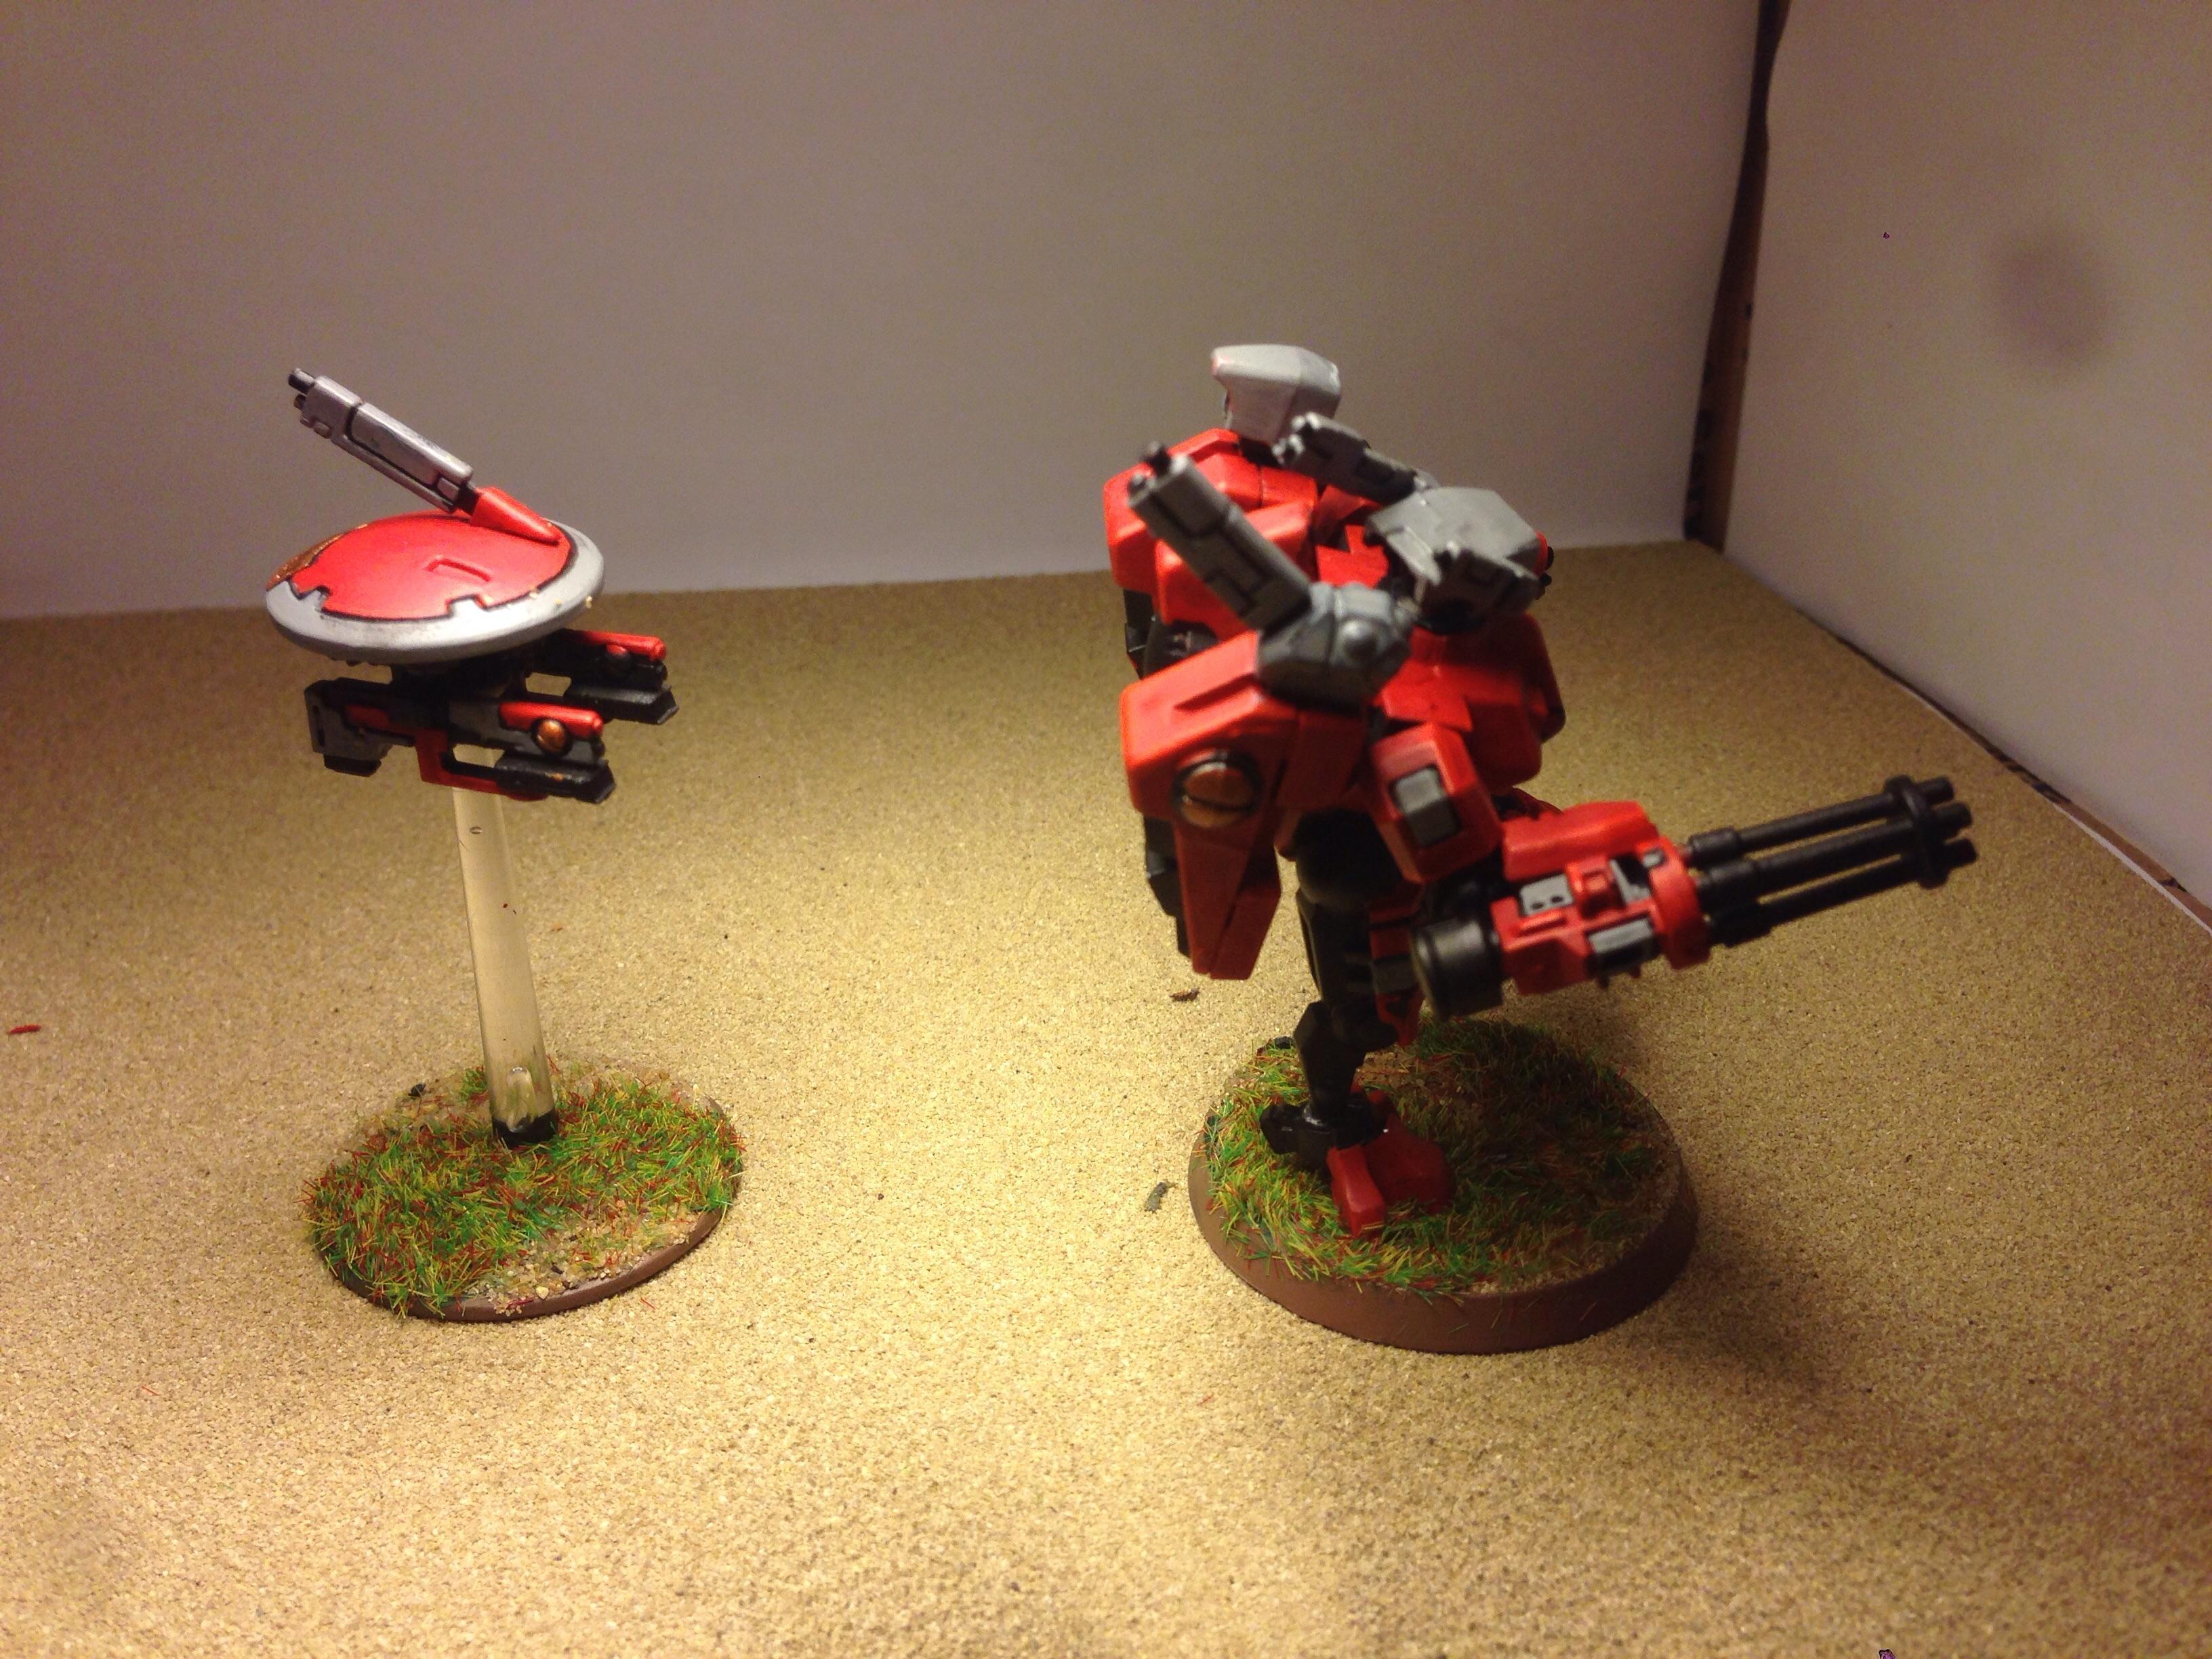 Army, Commander, Drone, Gun, Tau, Warhammer 40,000, Xv-8